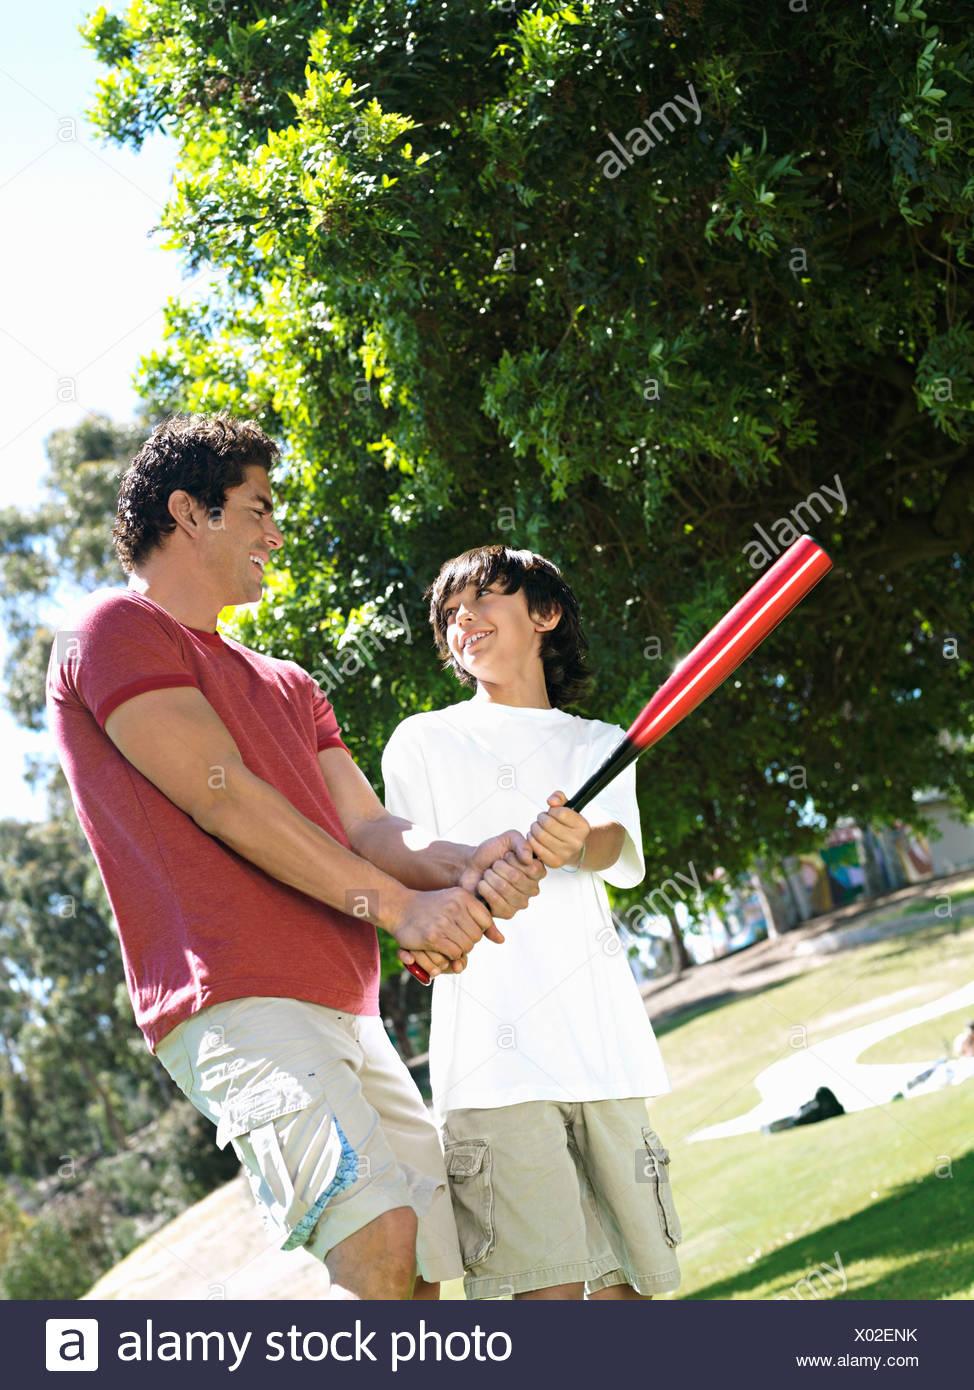 Padre hijo de enseñanza 10 12 cómo mantener bate de béisbol de pie sobre el césped en el parque de inclinación sonriente Imagen De Stock